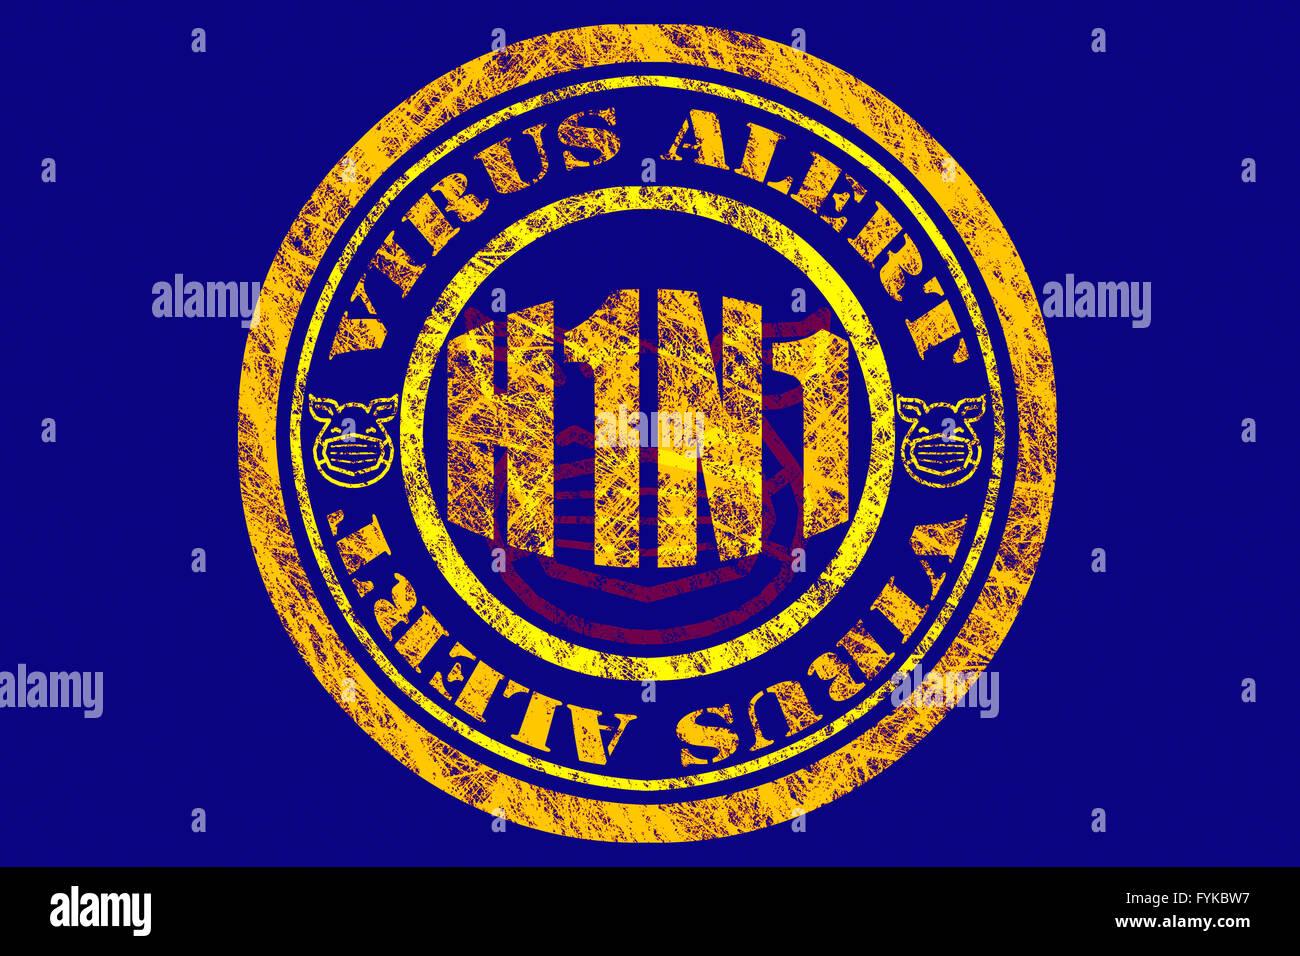 H1N1 Virus Alert Concept - Stock Image